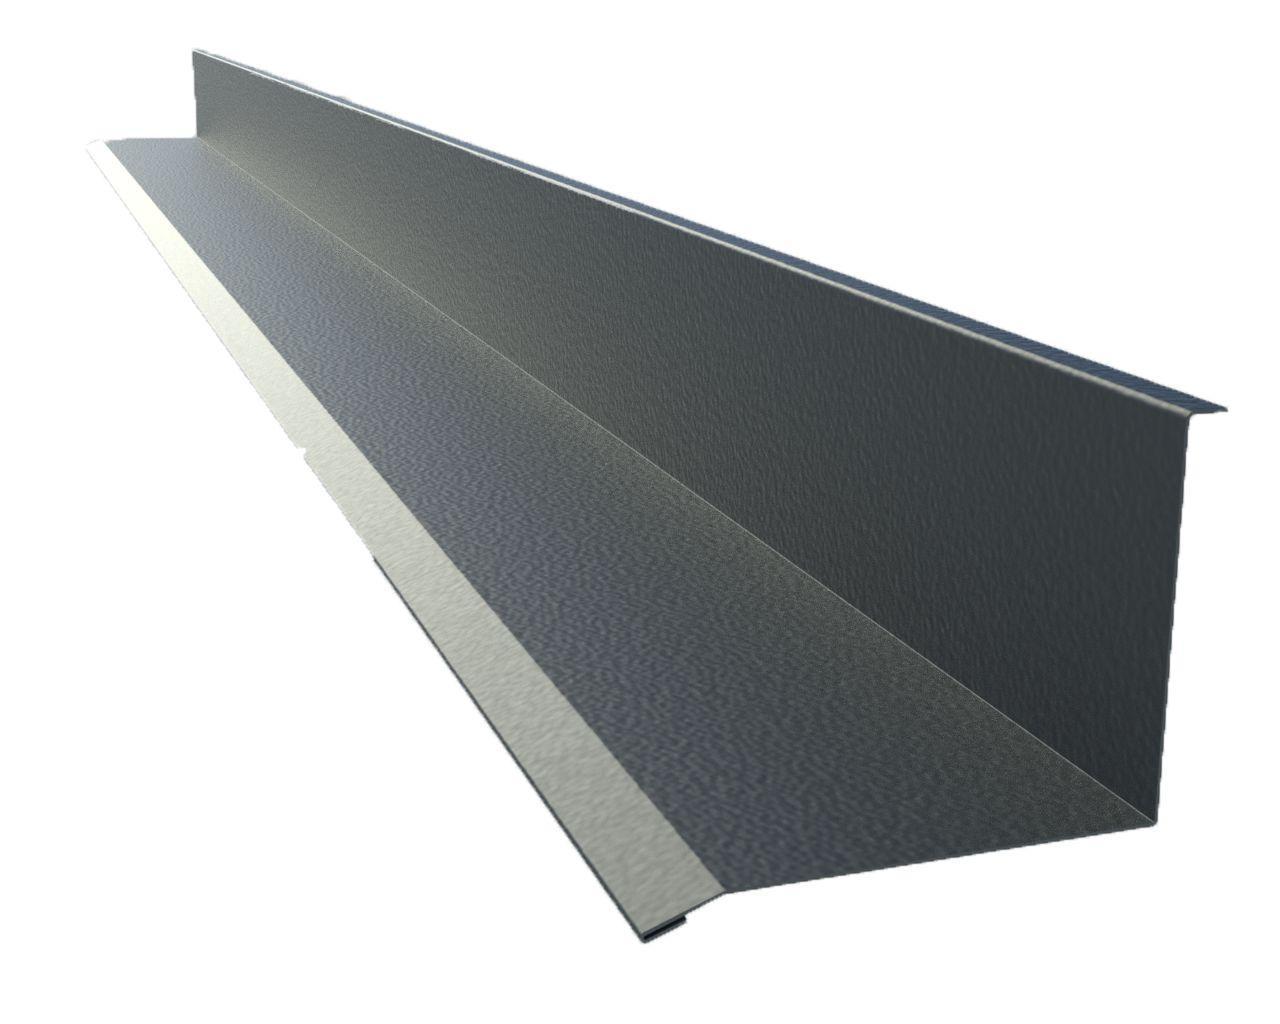 Планка примыкания металлочерепицы (длина 2 метра)